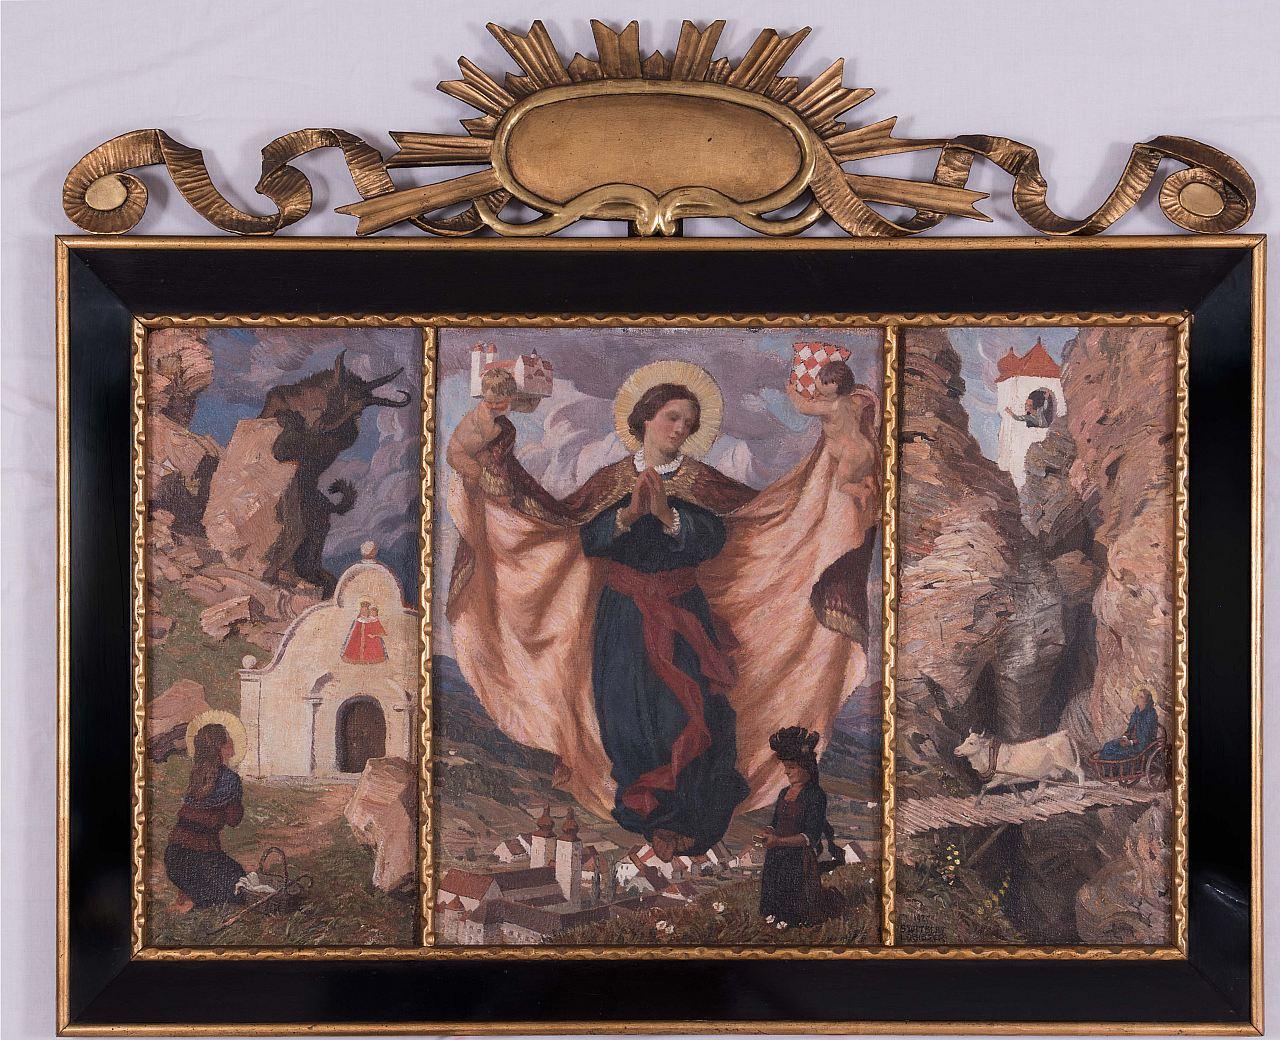 Switbert Lobisser (1878-1943), Hemma Triptychon, 1925, (Bittgang nach Maria Elend, The blessed Hemma von Gurk, Escape from Admont), oil on canvas, 68x112cm, signed